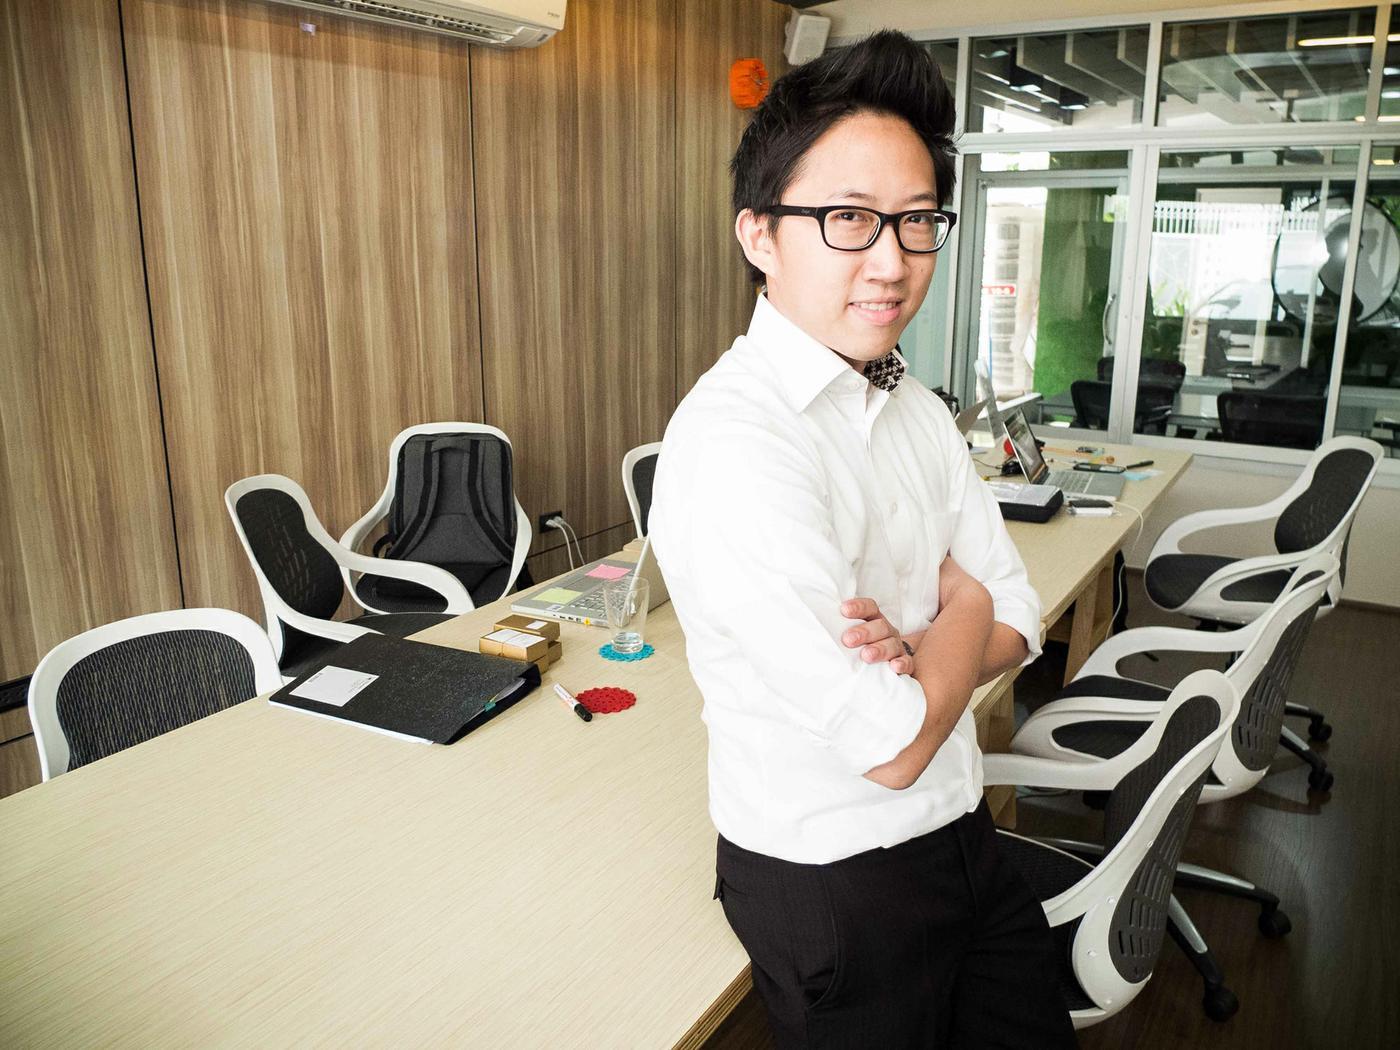 Conheça Amarit Charoepnphan, um otimista sobre a expansão do coworking no mundo